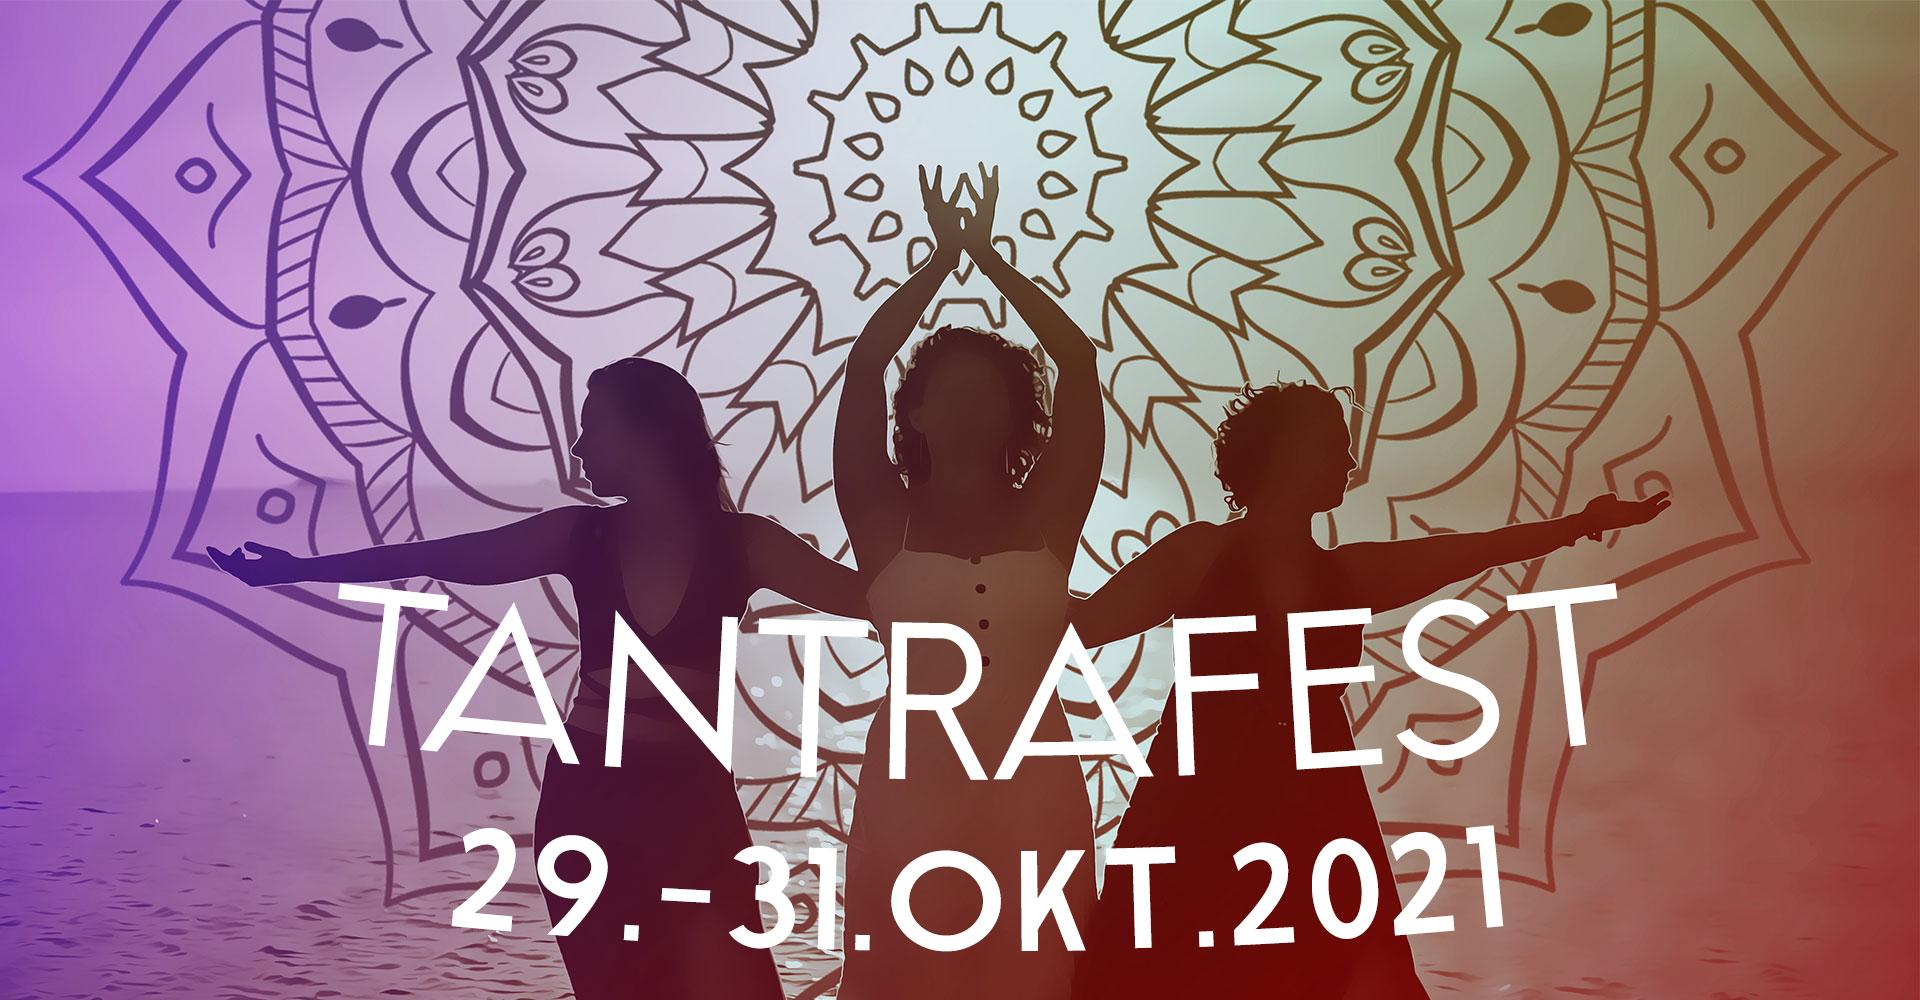 Art of Being – Online Festival in Helsinki